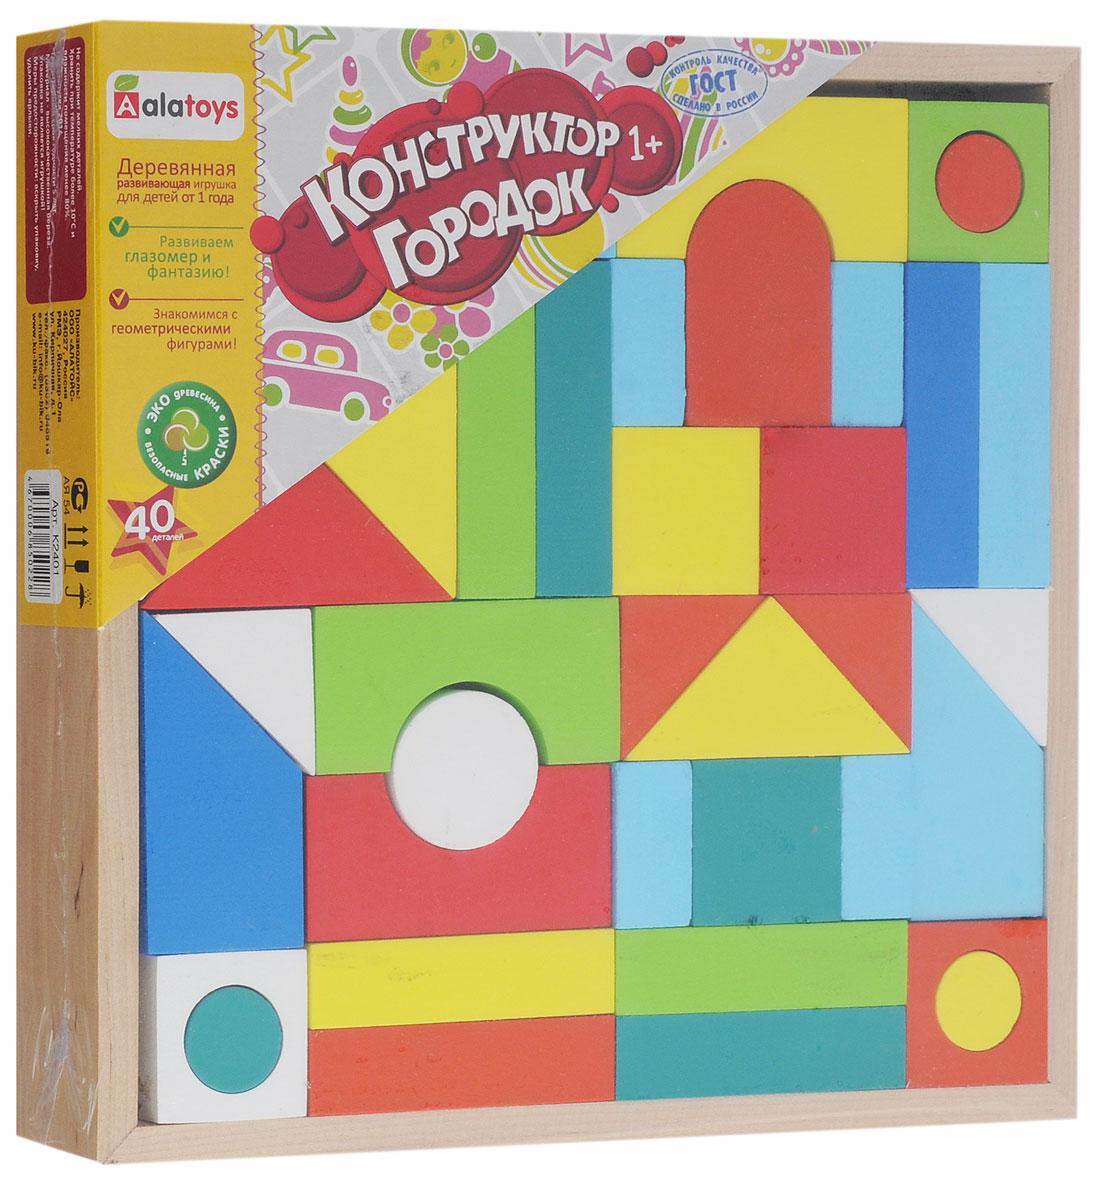 Alatoys Конструктор Городок окрашенный К2401 деревянные игрушки alatoys